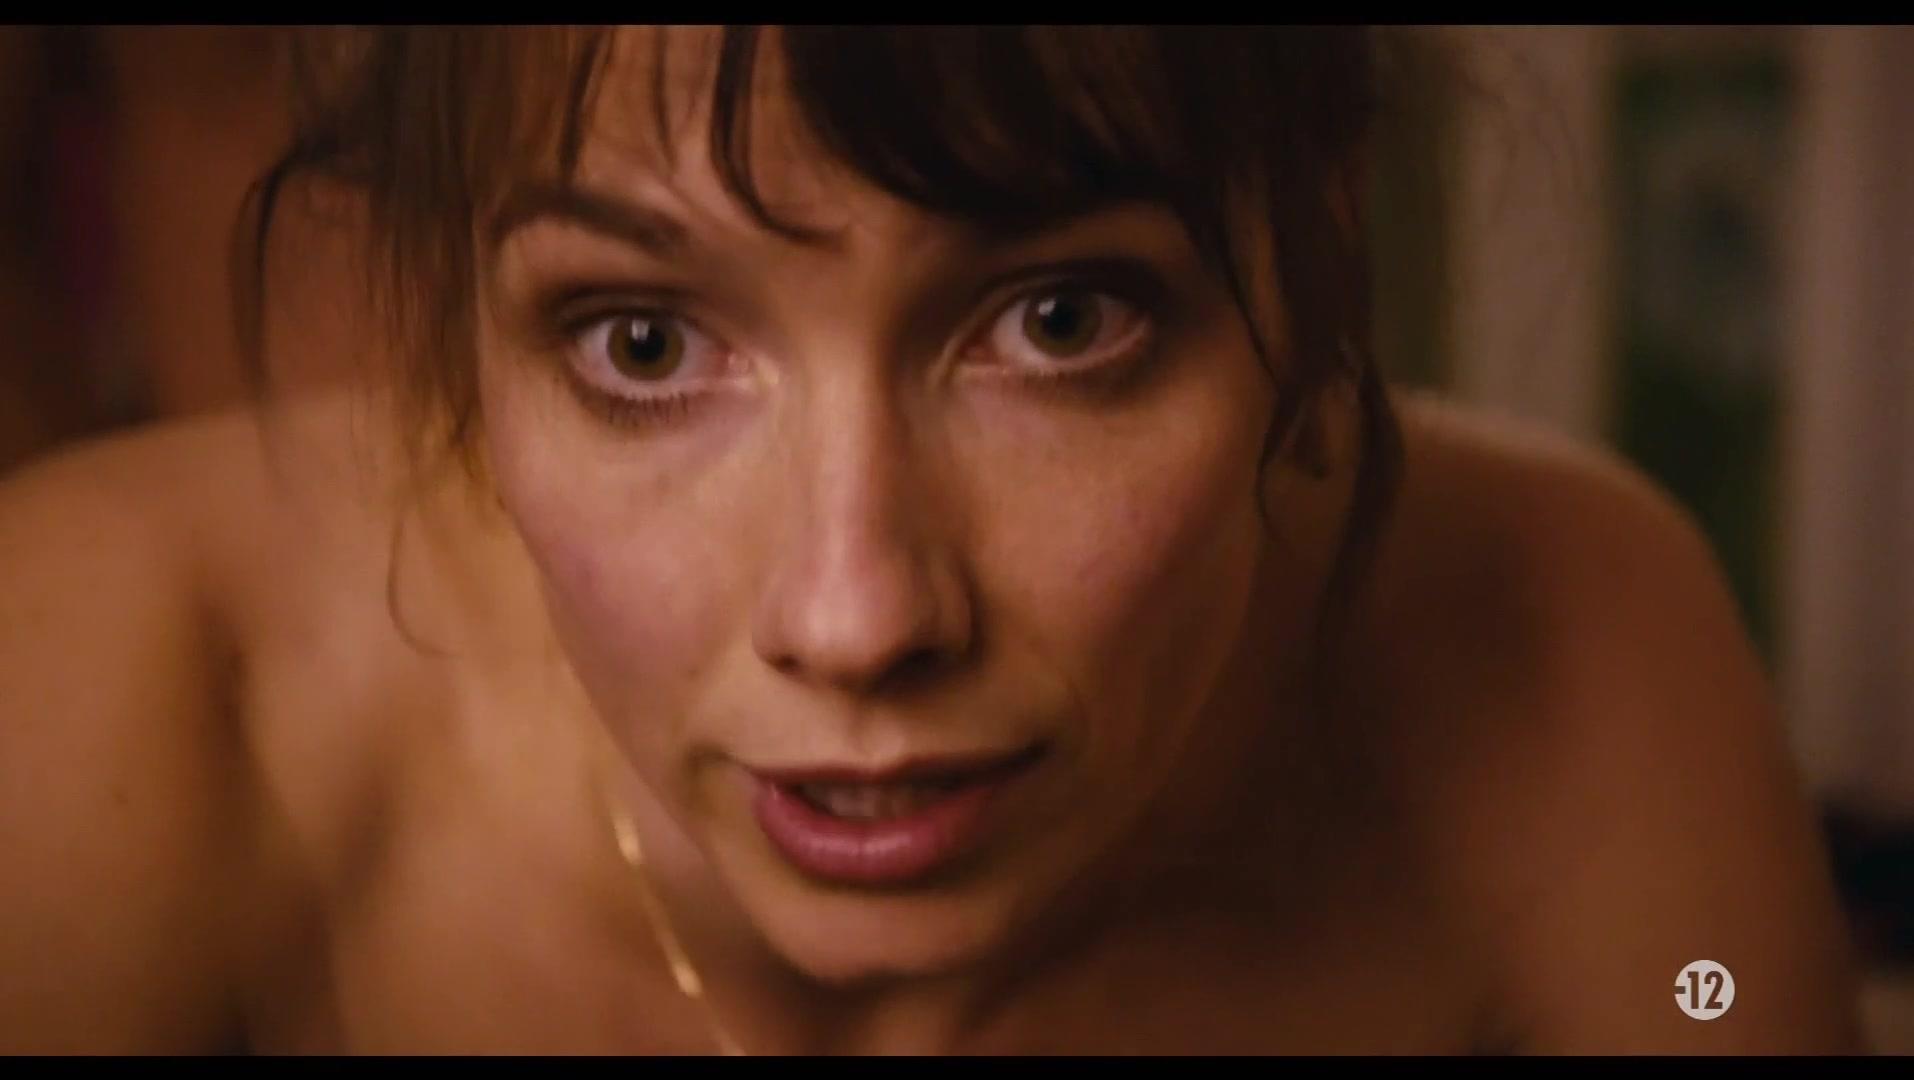 Julie Ann Porno julie-anne roth - en avant calme et droit - celebs roulette tube